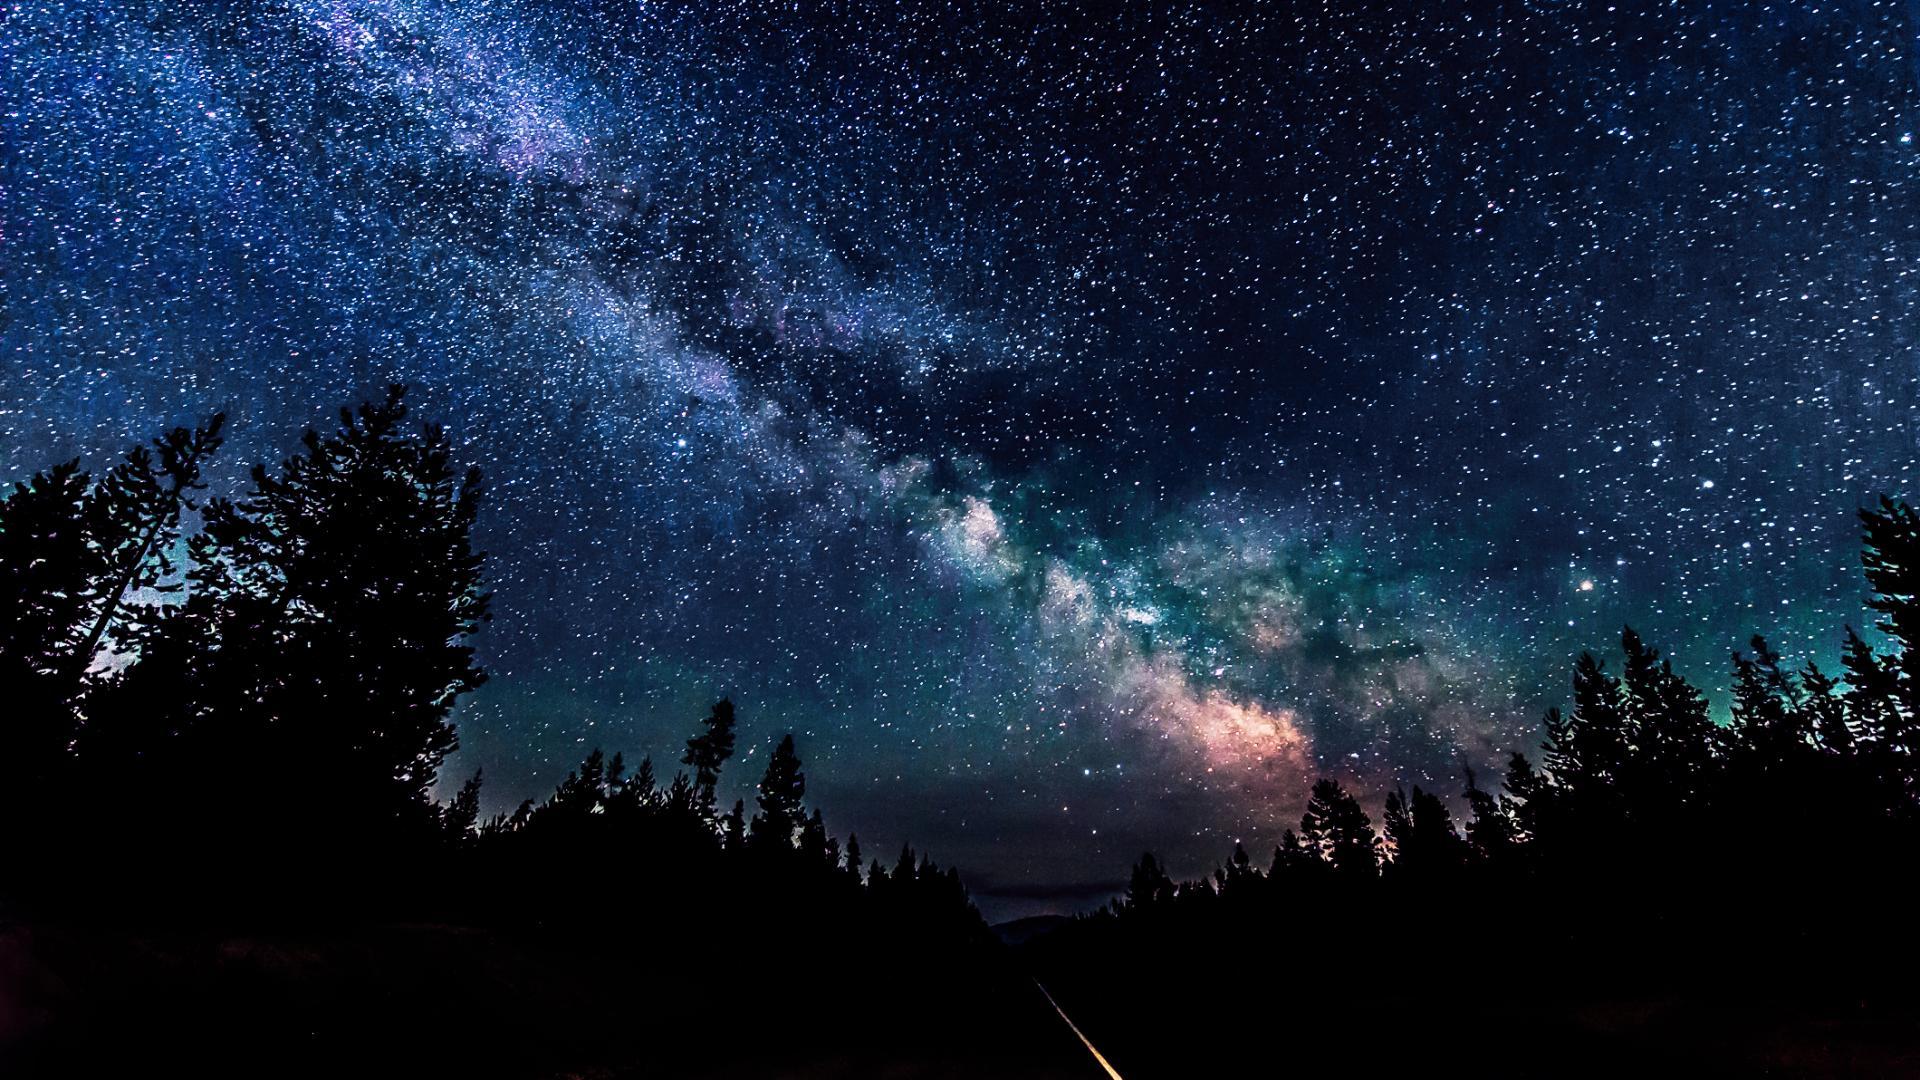 фото звездное небо ночью популярных марок